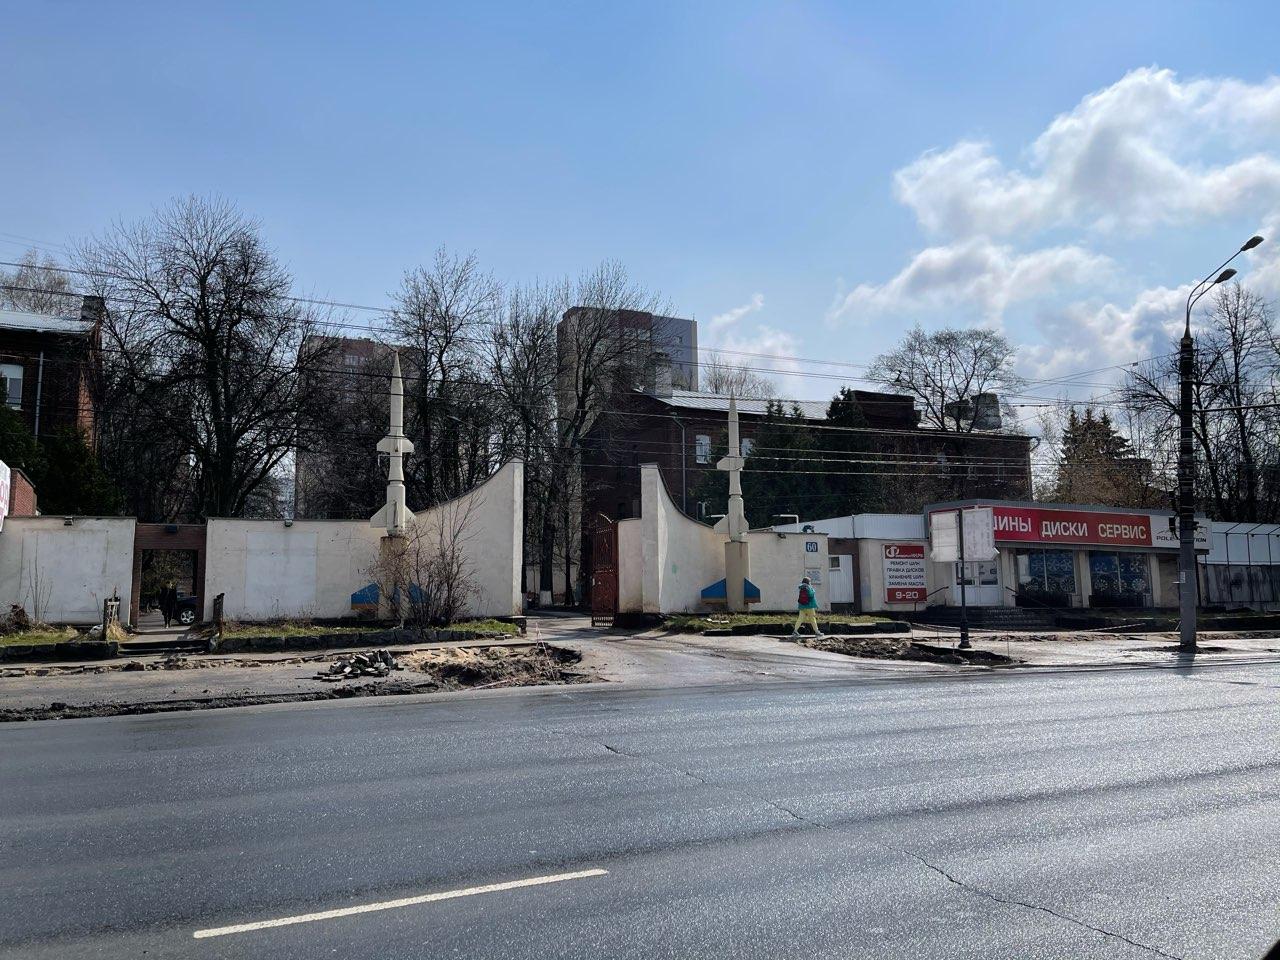 Территорию у подземного перехода около Дворца спорта благоустроят в Нижнем Новгороде - фото 1